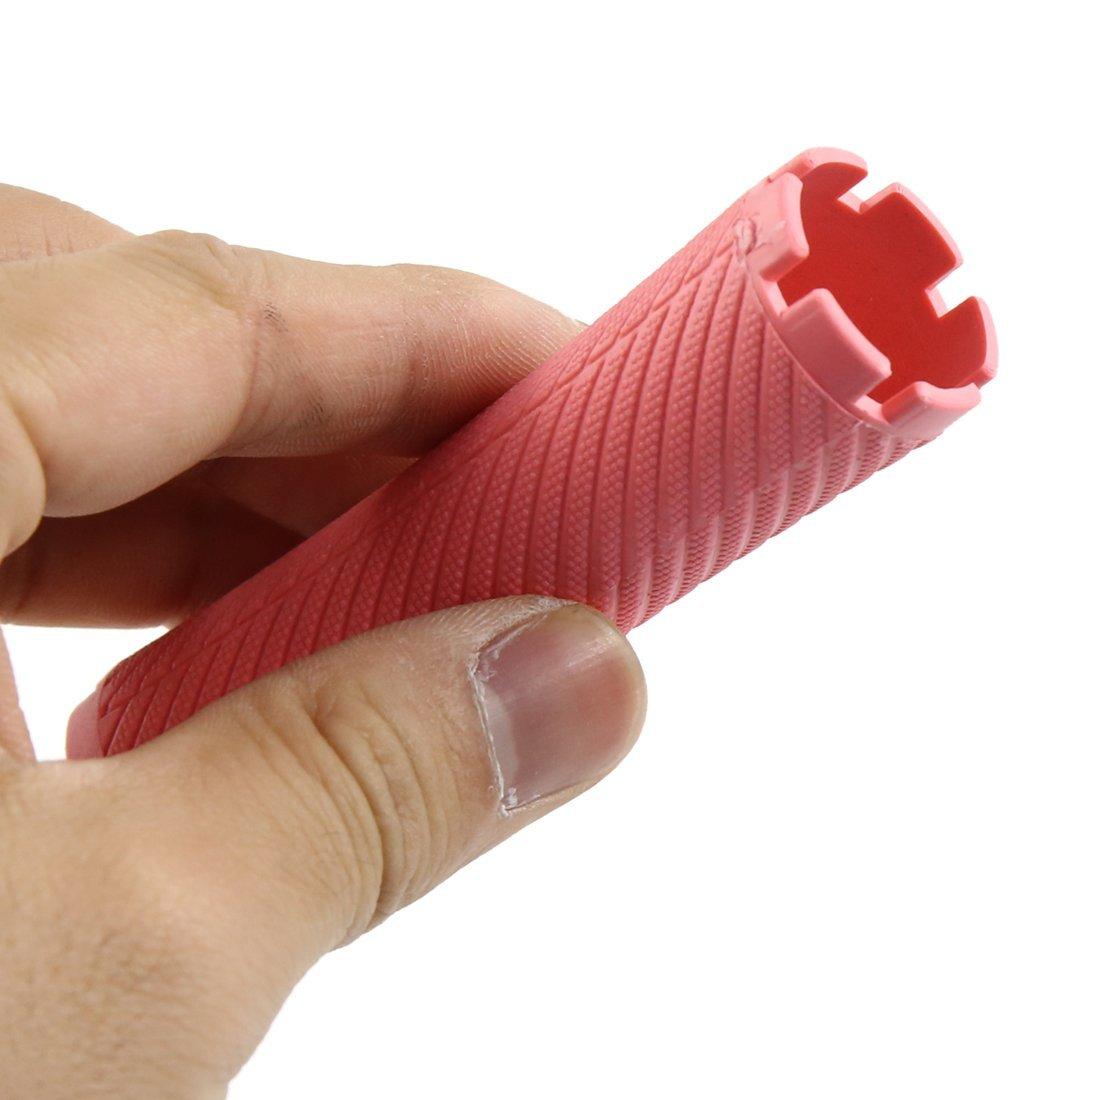 Amazon.com: eDealMax 20pcs Pink Shell Duro Bangs Hair Styling herramientas de bricolaje Mujeres mismo sosteniendo Rizador: Health & Personal Care